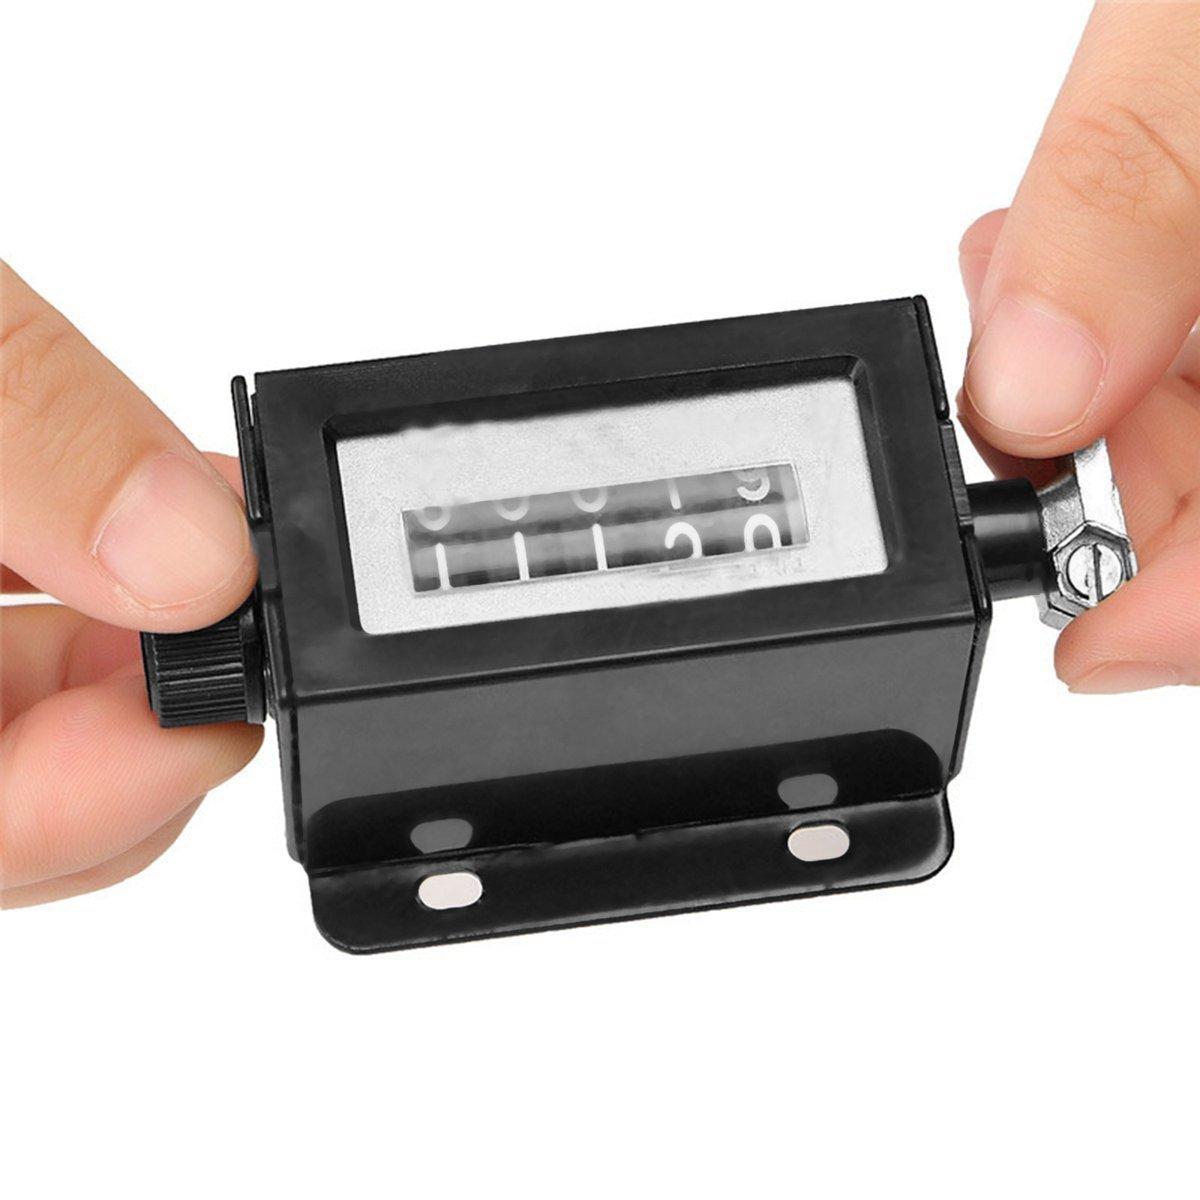 Gugutogo Reposicionable 5 Dígitos Mecánico Tire Contador de Trayecto Mecánico Manual de Recuento Manual Trazo Haga Clic en Contador Contador Montaje D67-F (Color: Negro)